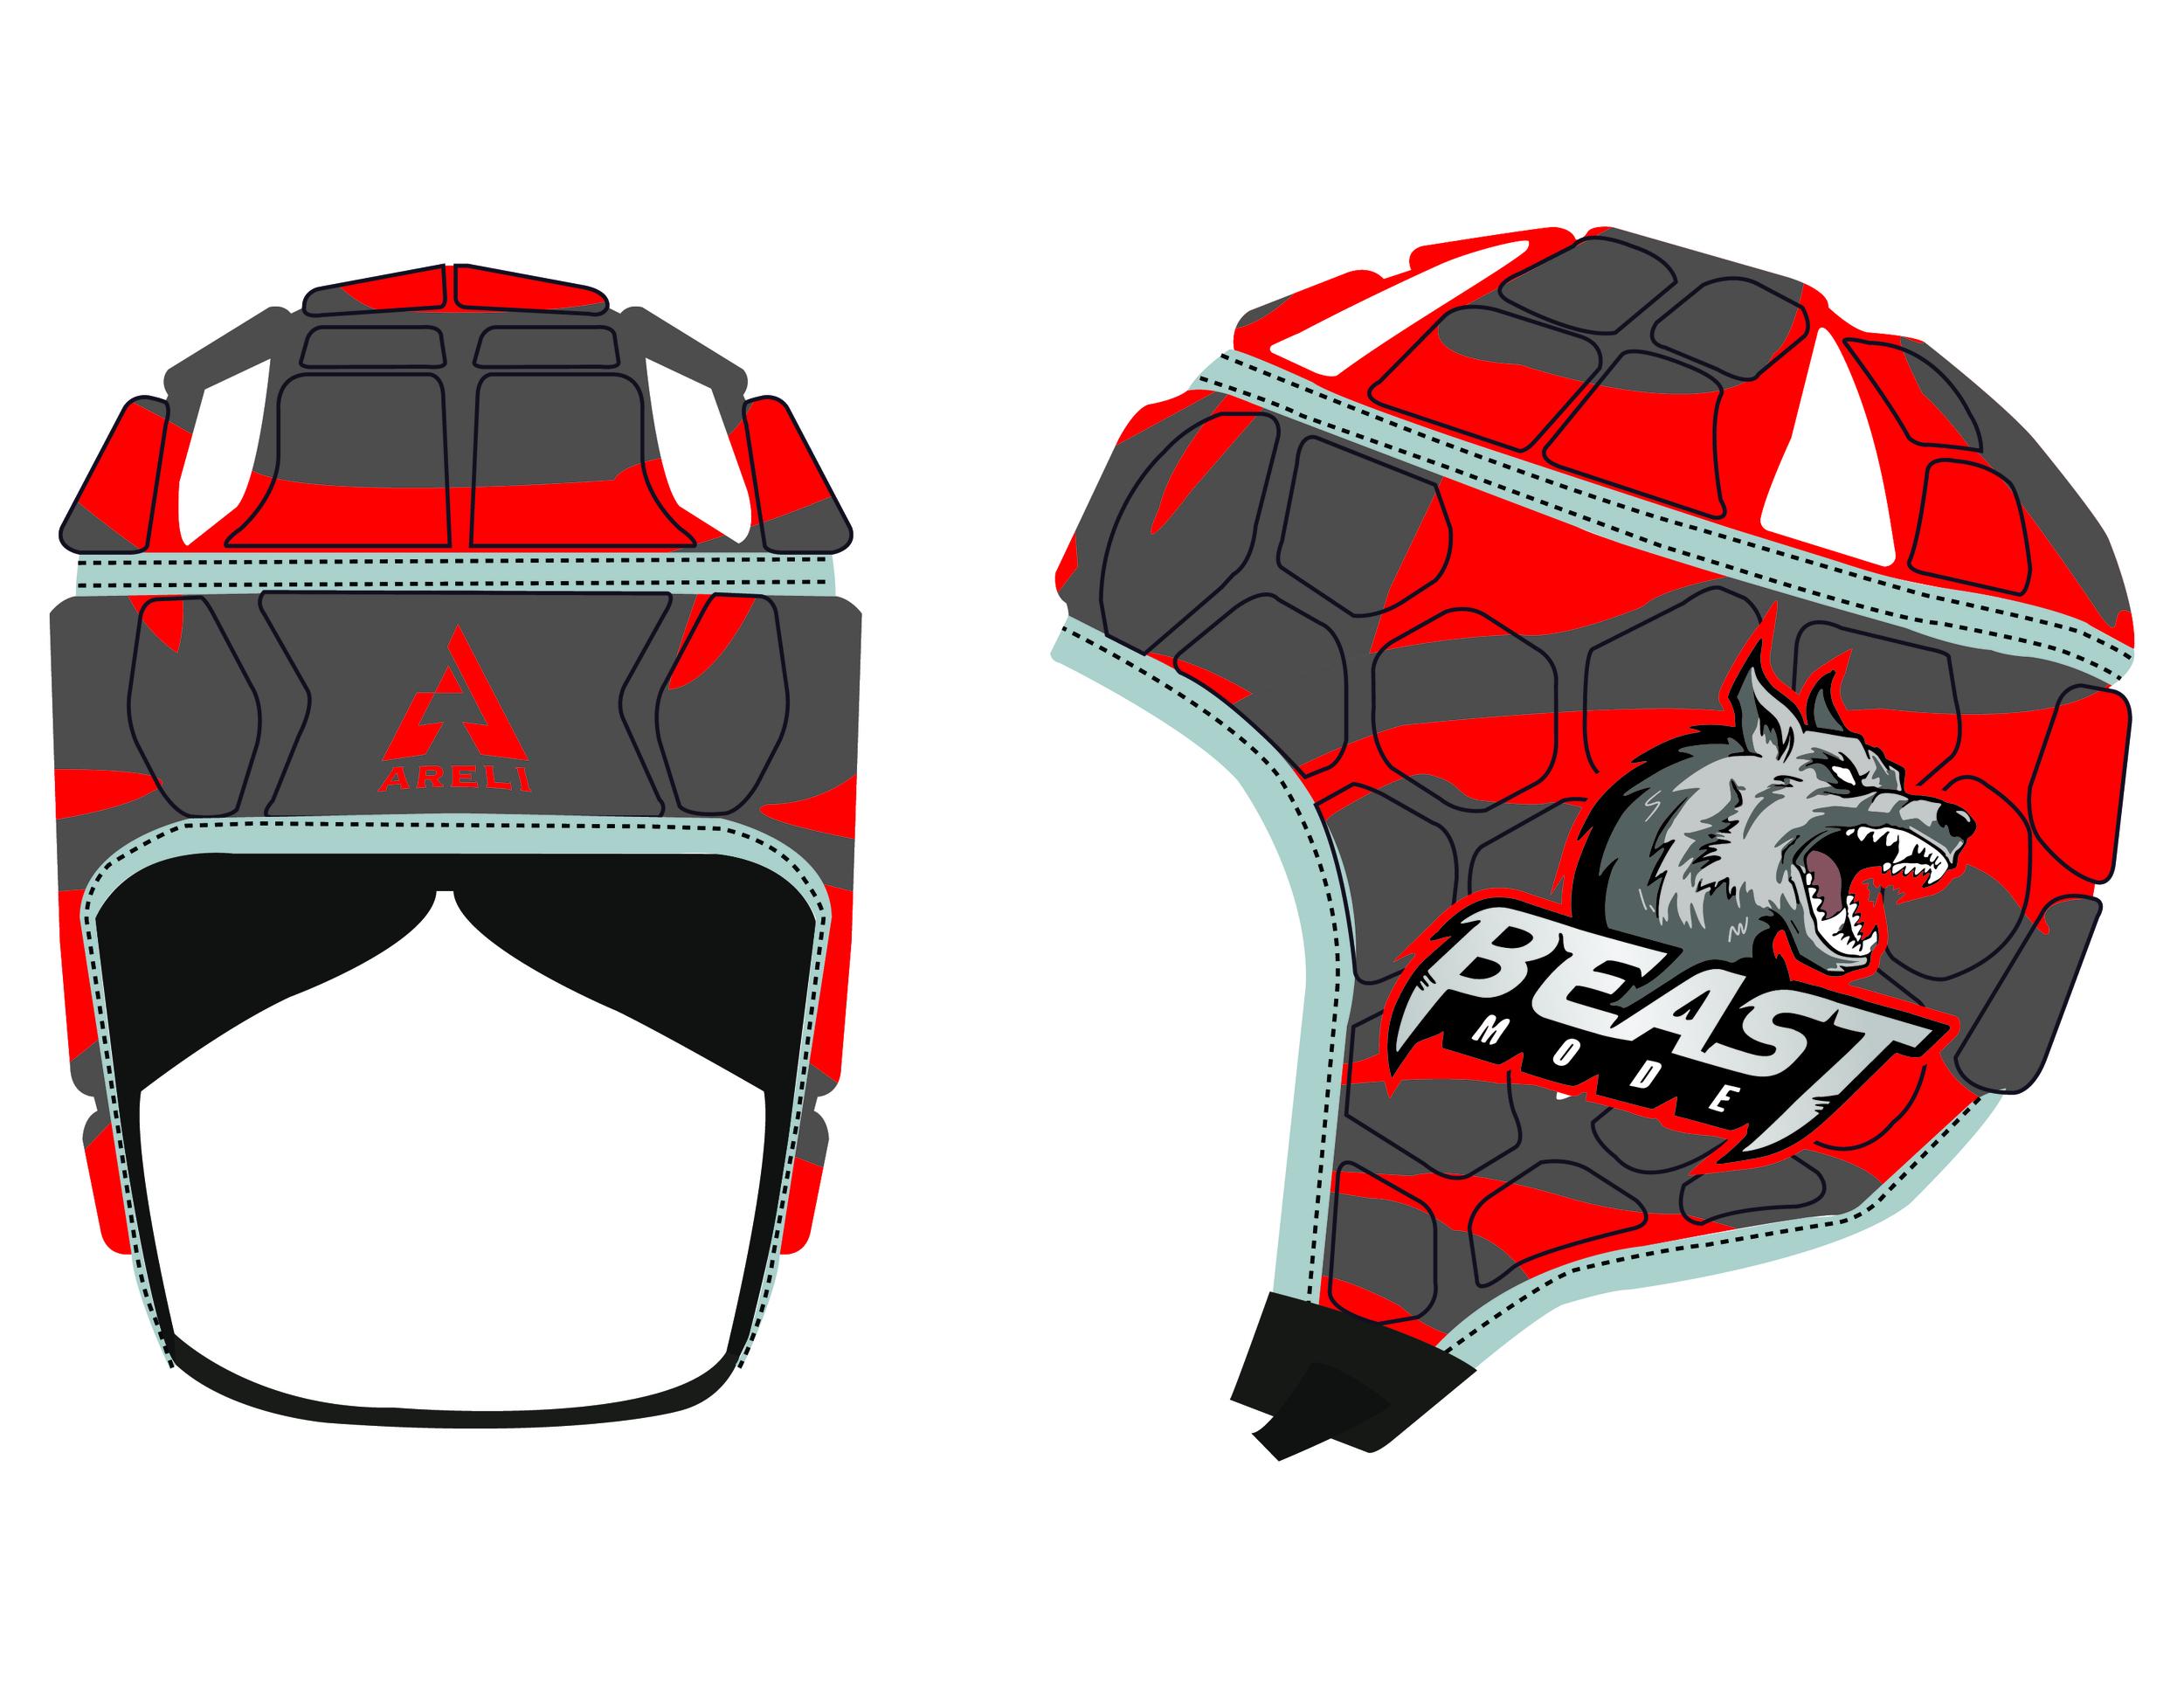 7v7 Helmet -01.jpg